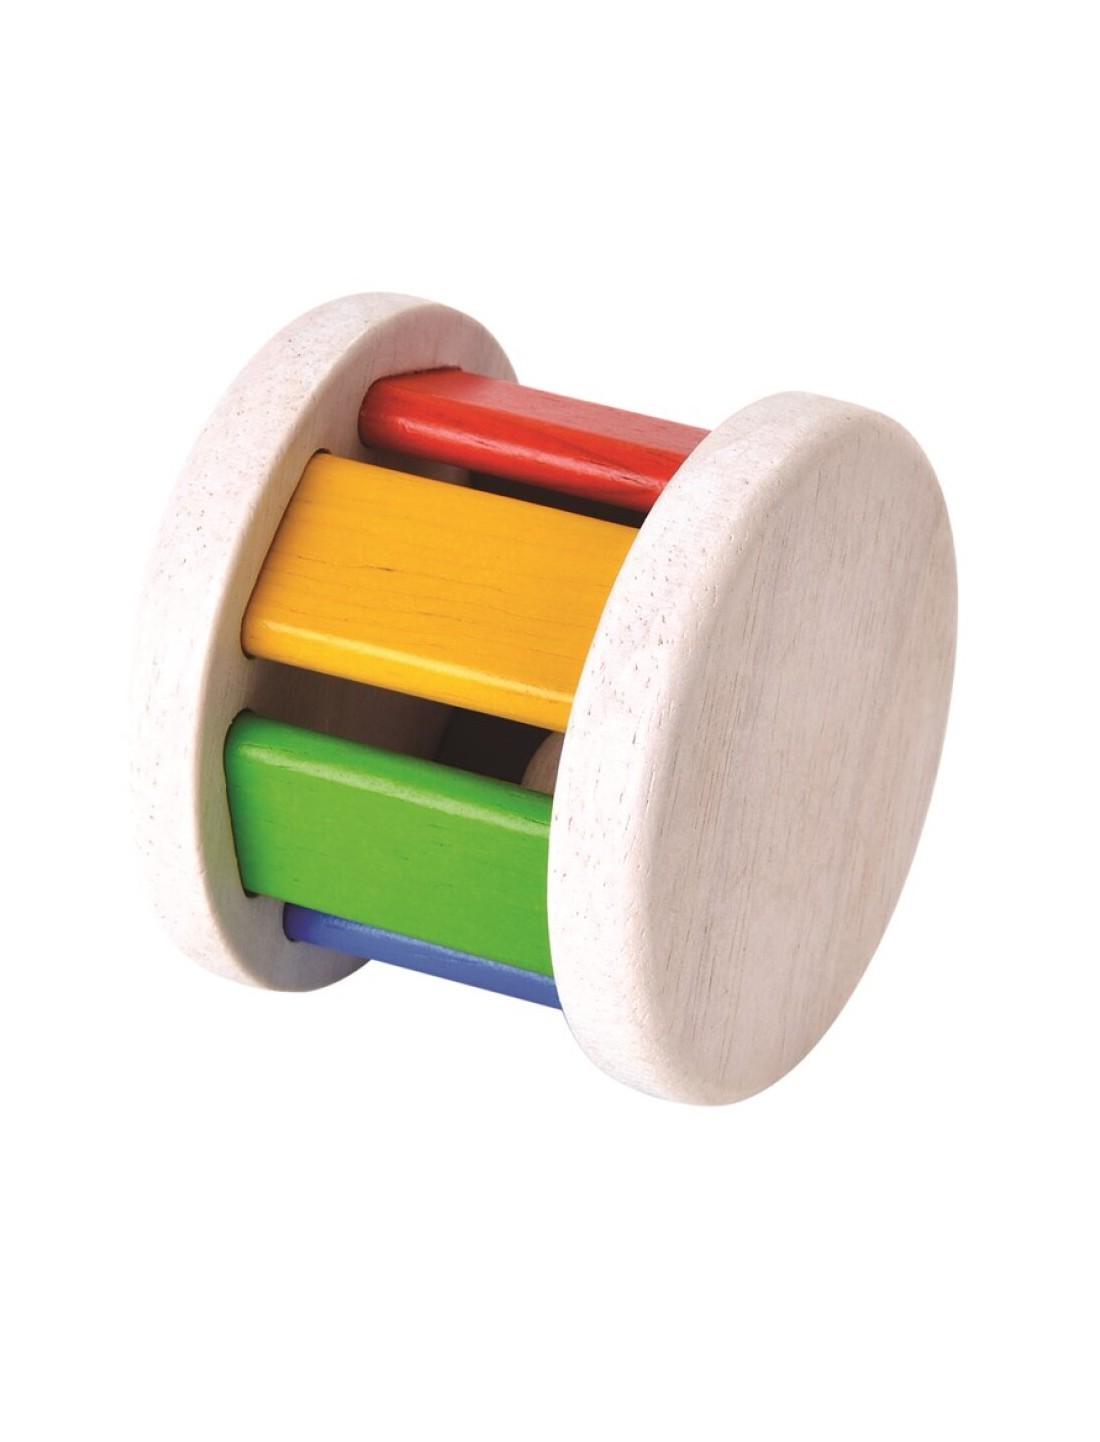 Roller. Plan Toys